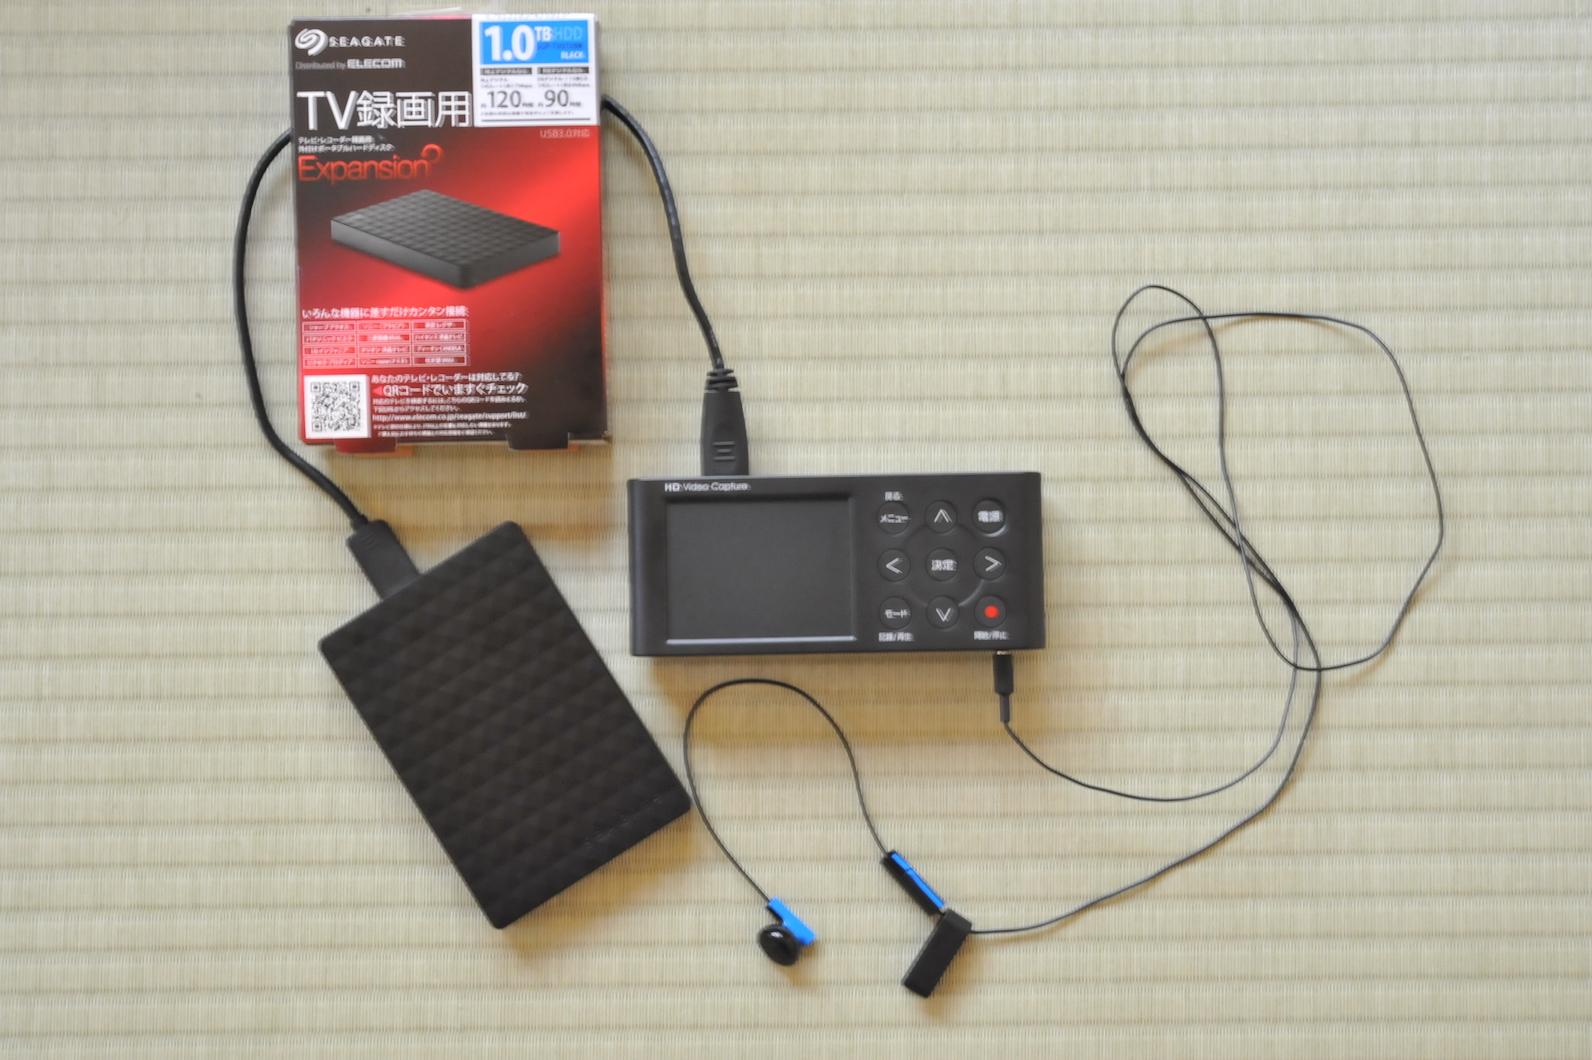 【ゲーム録画】Nintendo Switch ゲームを録画する方法 I-O DATA GV-HDREC